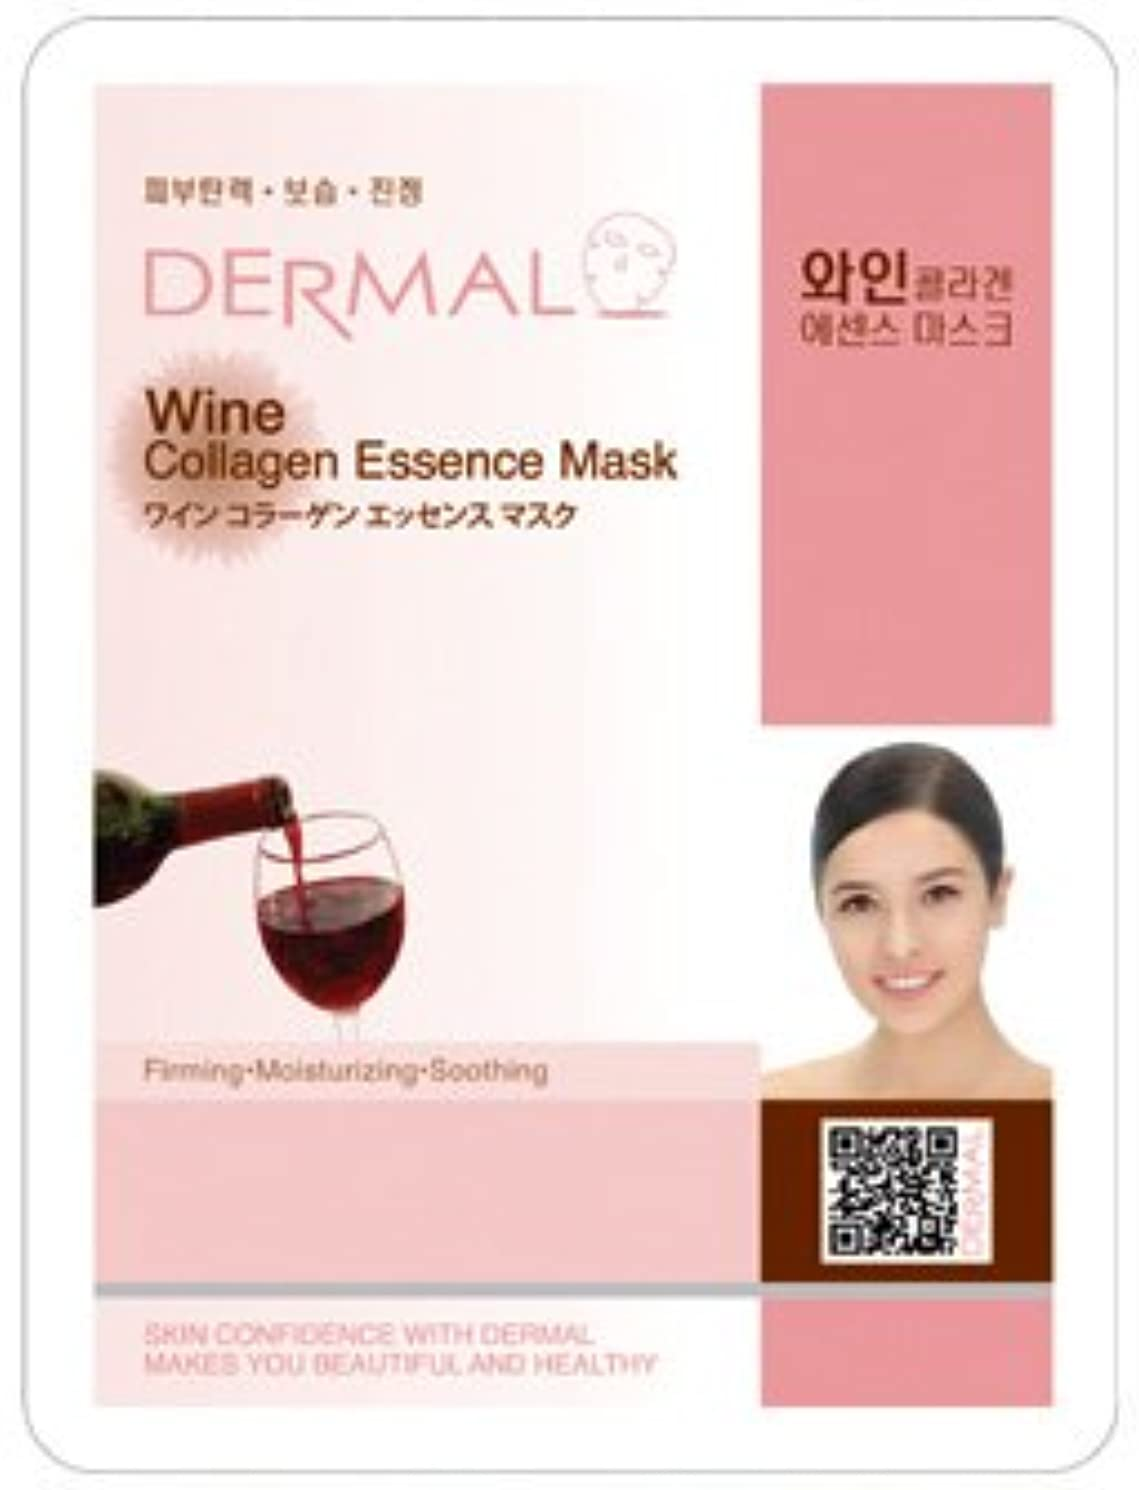 頑丈モデレータありがたいシートマスク ワイン 100枚セット ★韓国コスメ ダーマル(Dermal) フェイス パック★